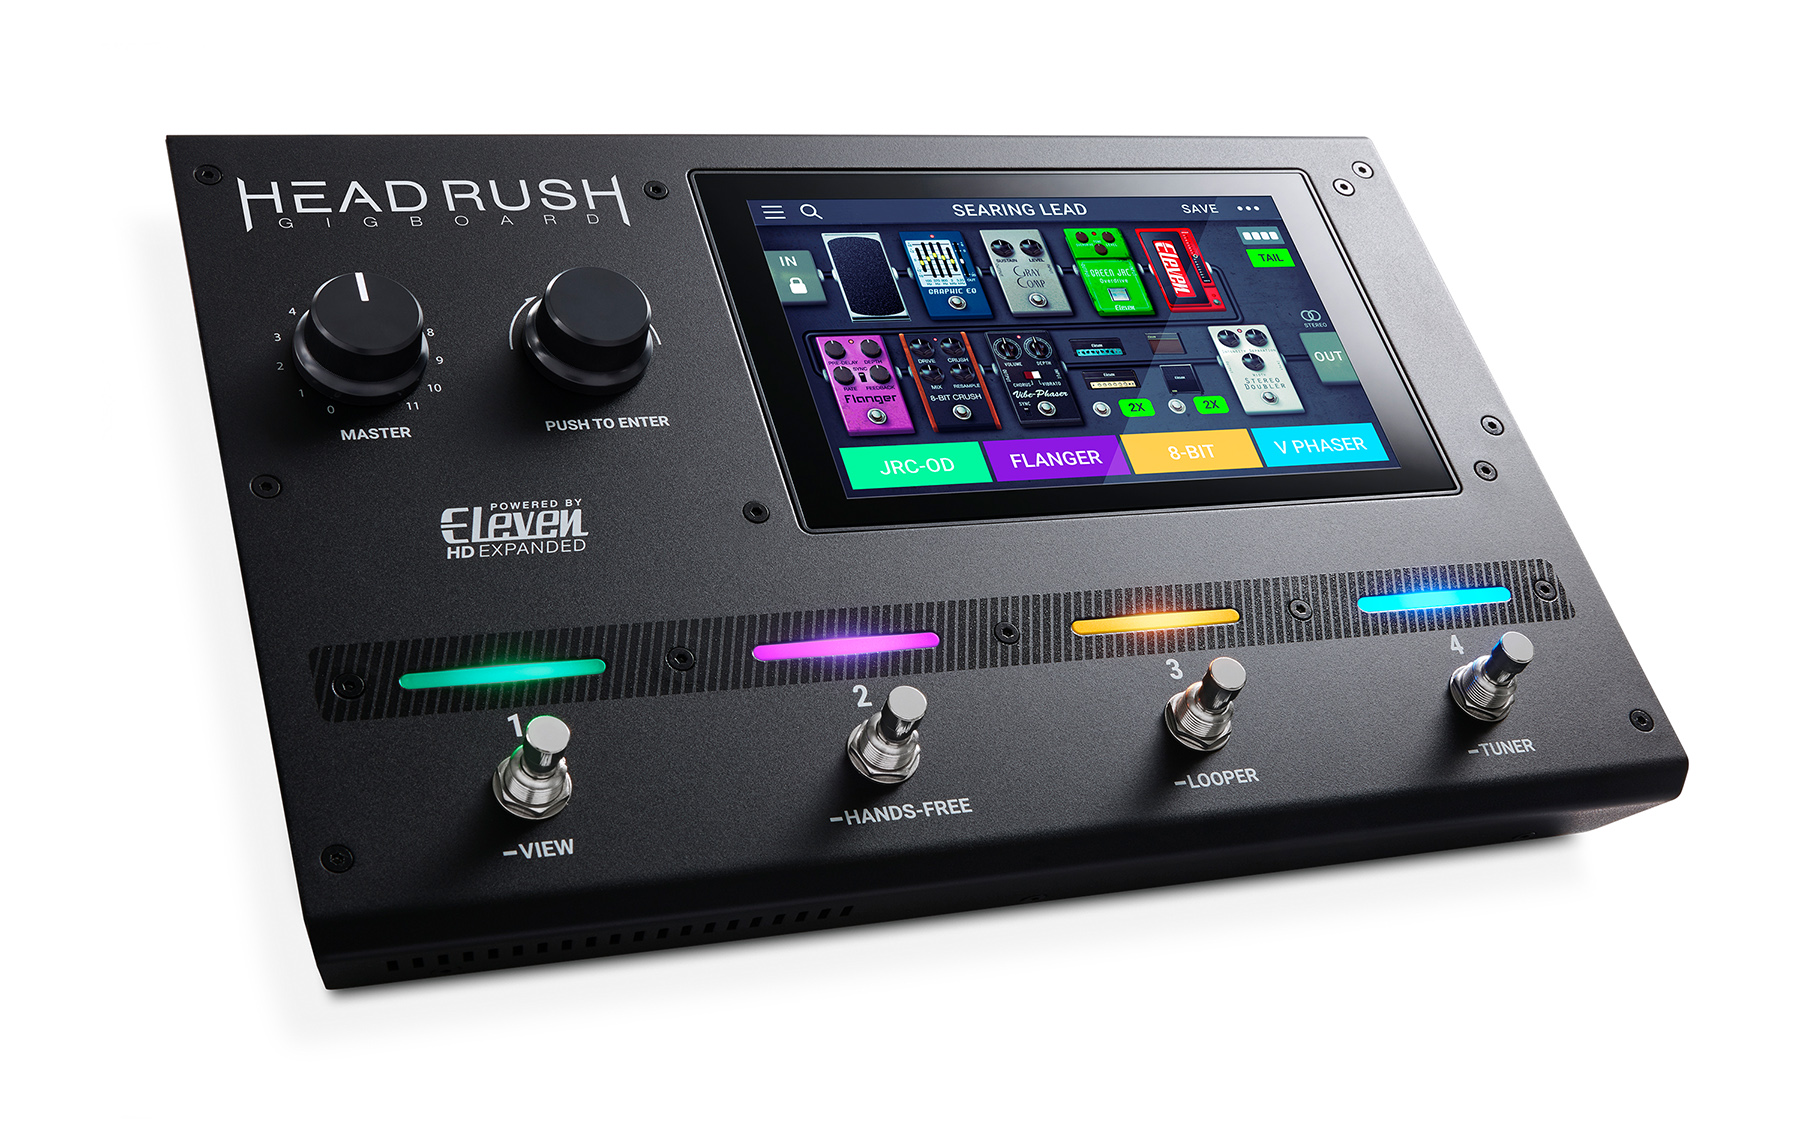 News: HeadRush präsentiert Amp- und FX-Modeller Gigboard